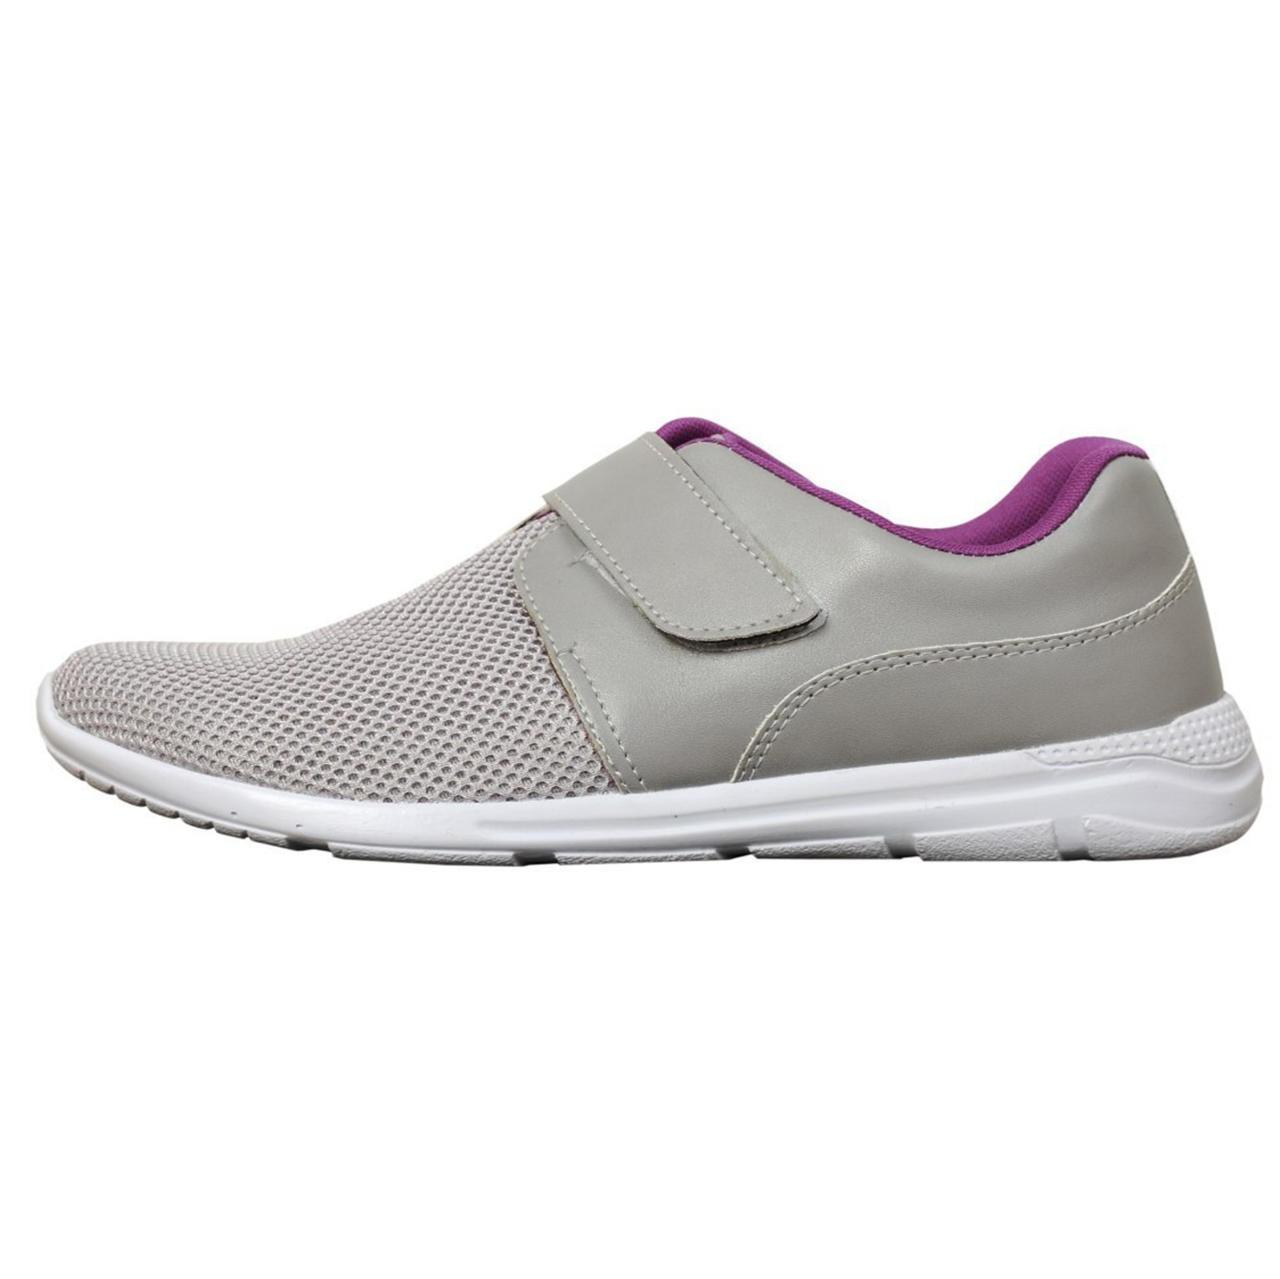 کفش مخصوص پیاده روی زنانه مدل 1005